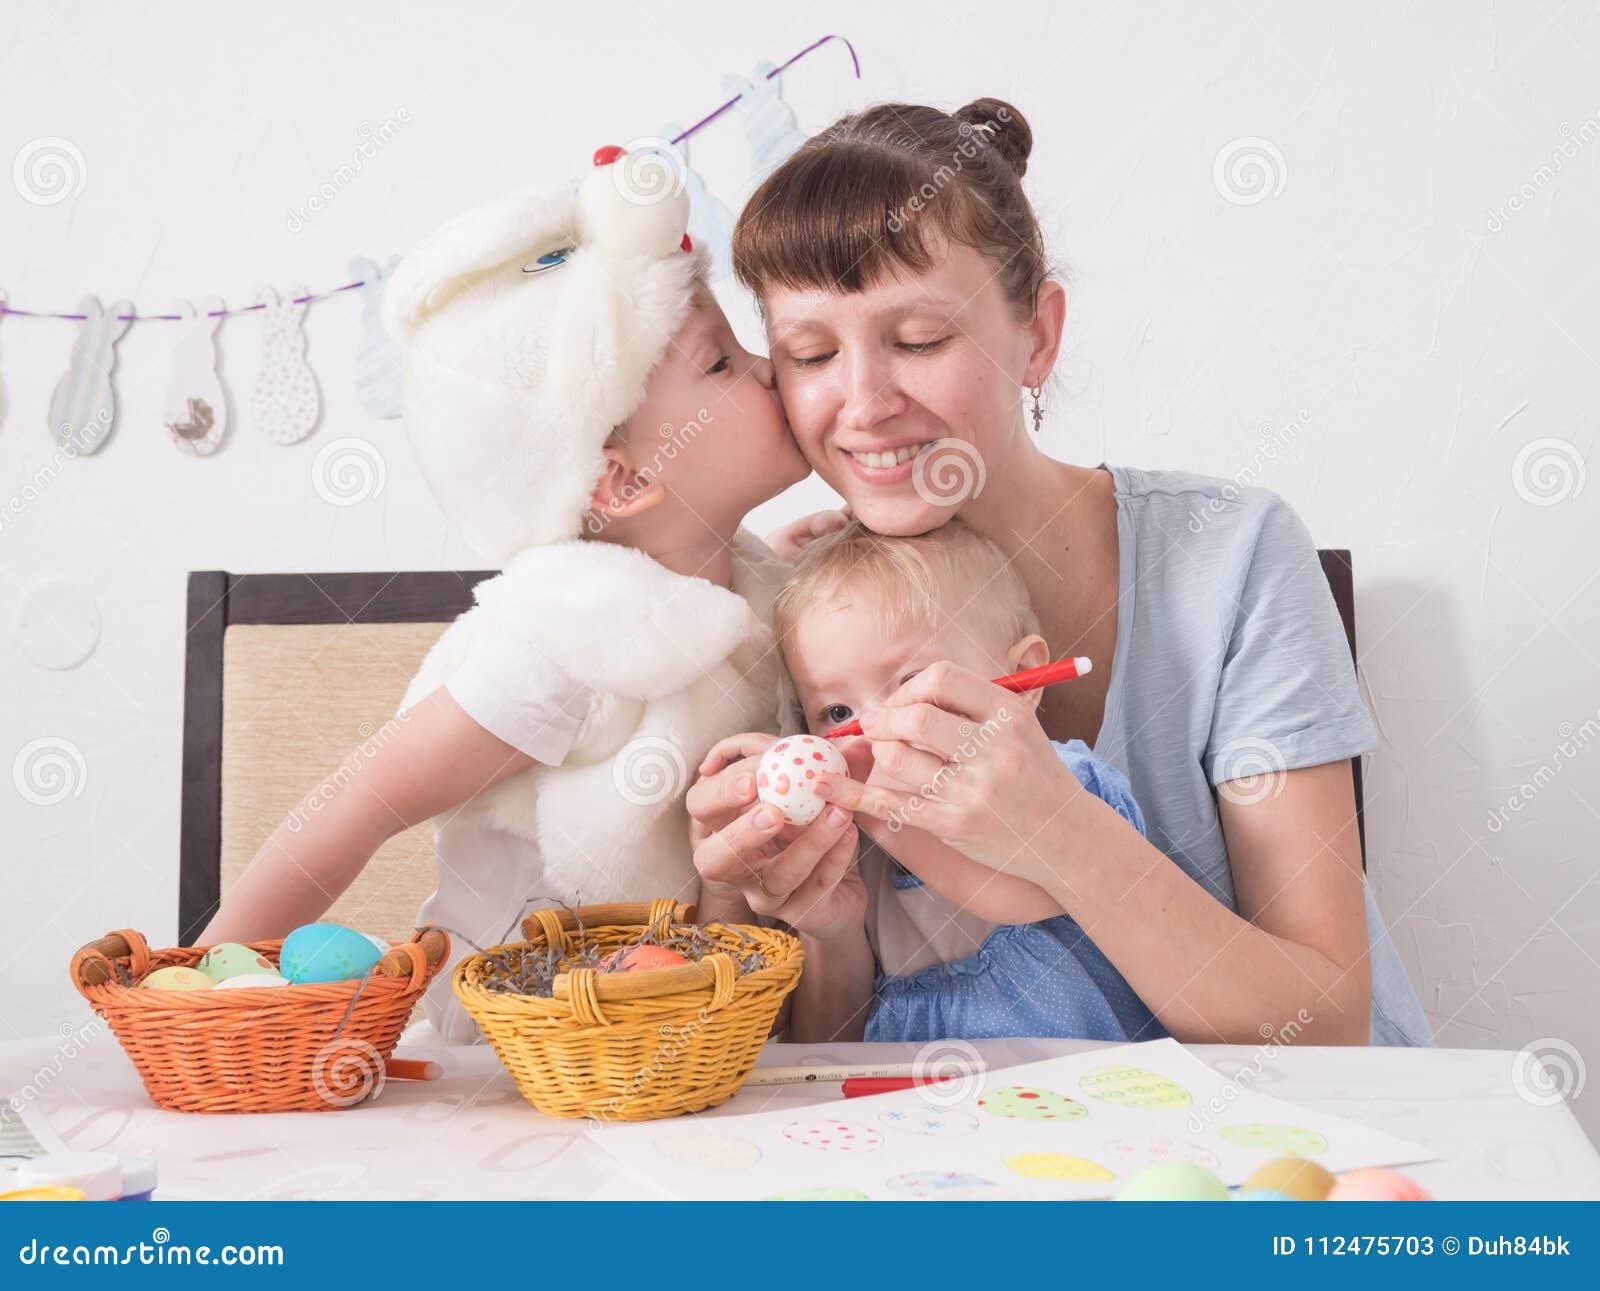 Familjen firar påskhögtiden: Mamman målar en modell på påskägget Sonen kysser hans moder på kinden